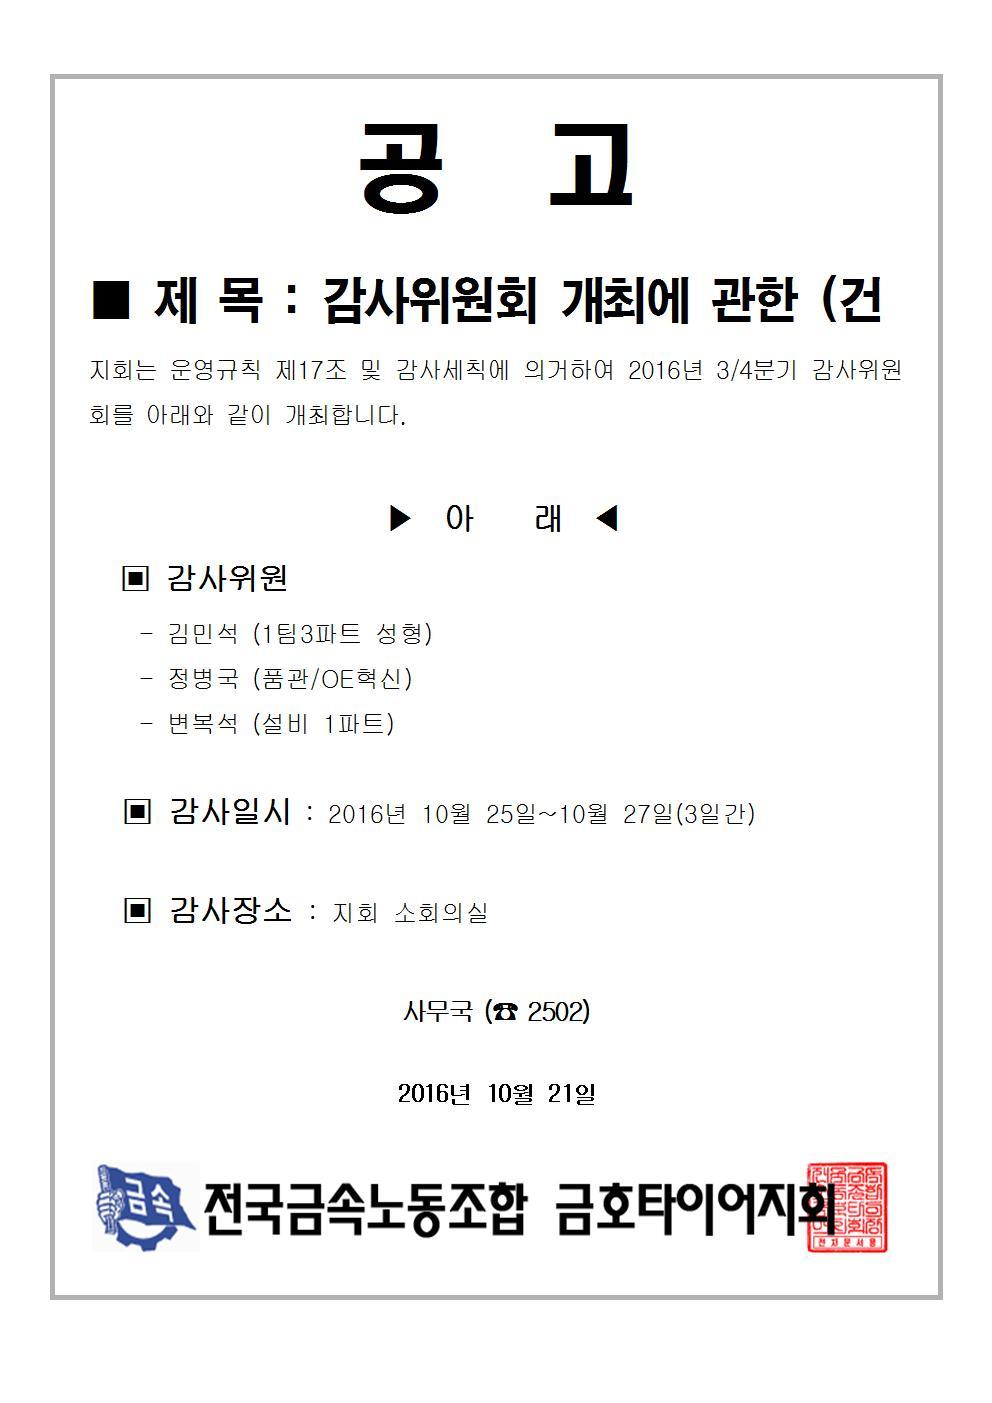 3분기 회계감사 개최(건 (2)001.jpg